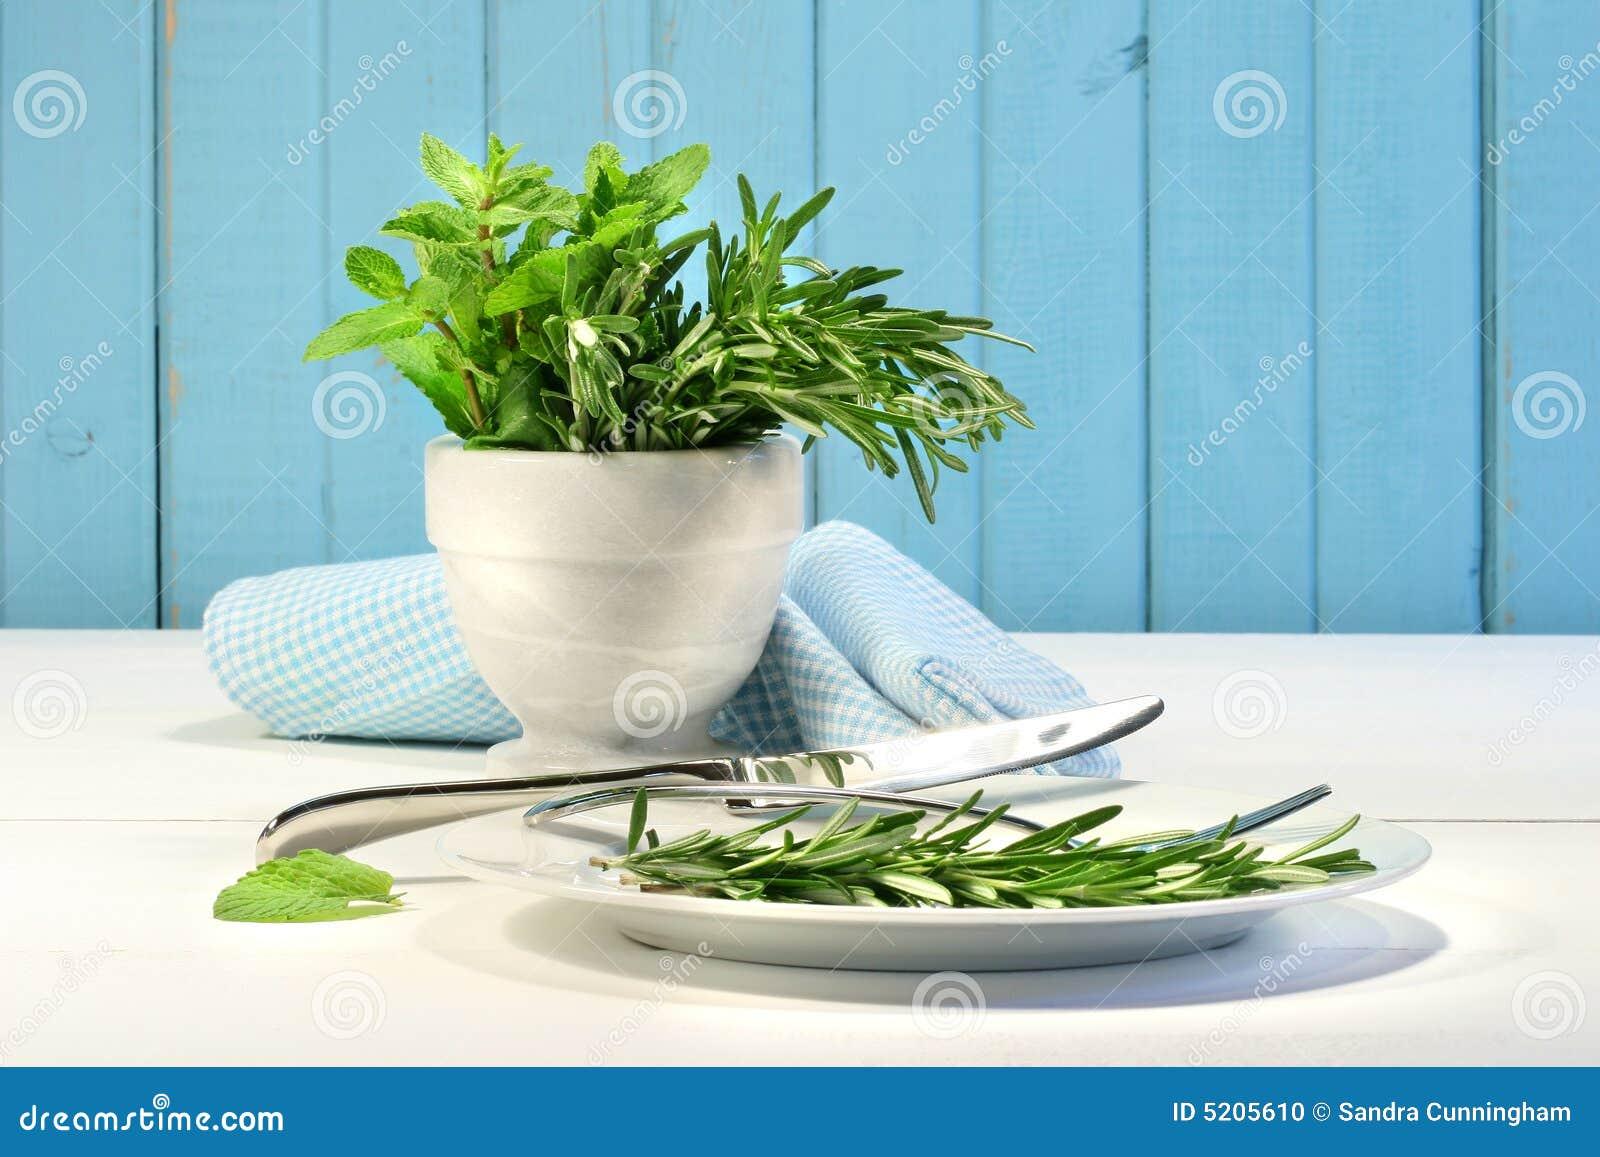 Herbes fraîches sur la table